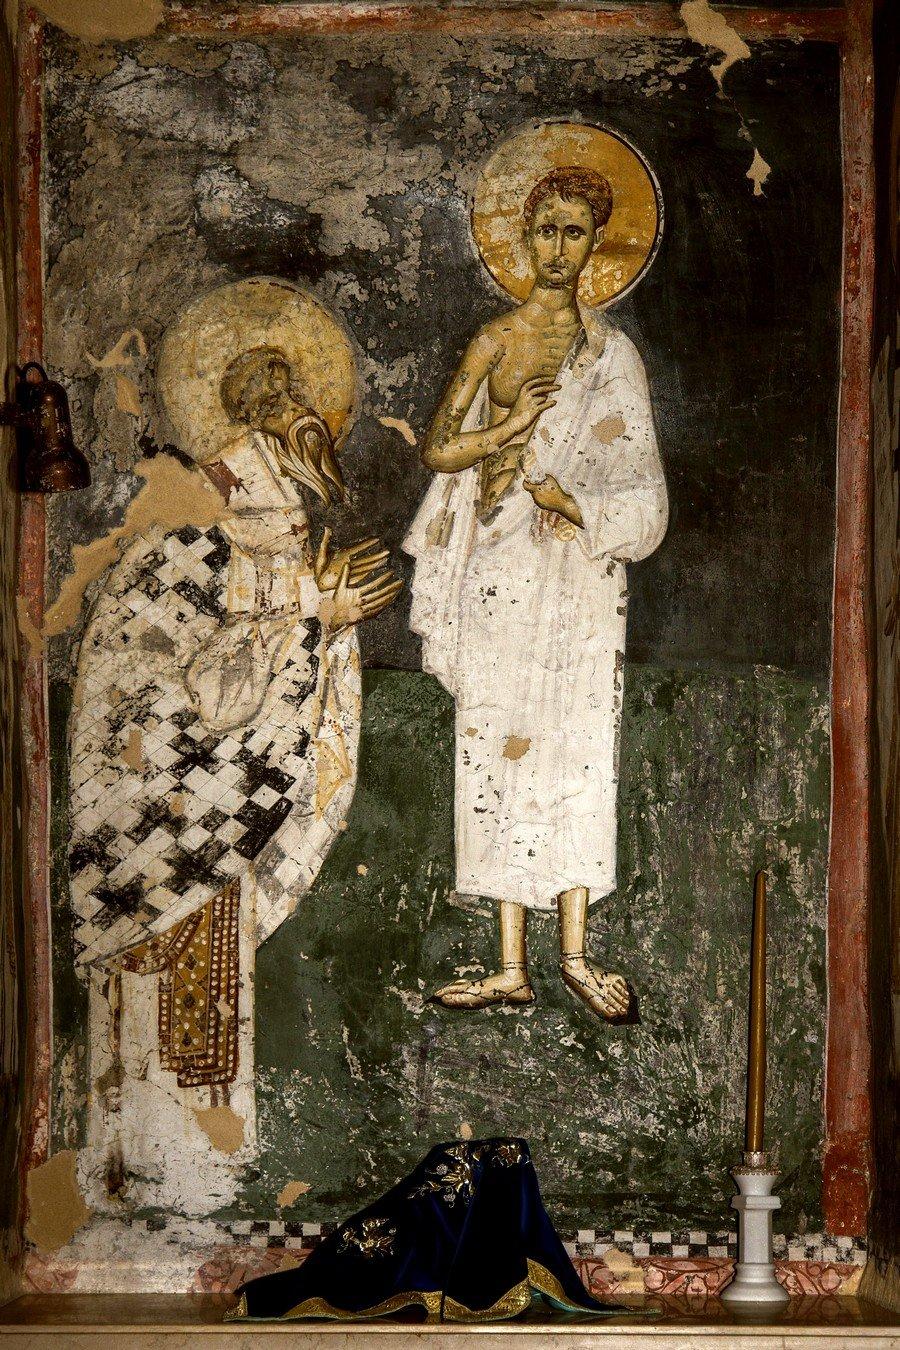 Видение Святого Петра Александрийского. Фреска церкви Богоматери Одигитрии в монастыре Печская Патриархия, Косово и Метохия, Сербия. 1330-е годы.